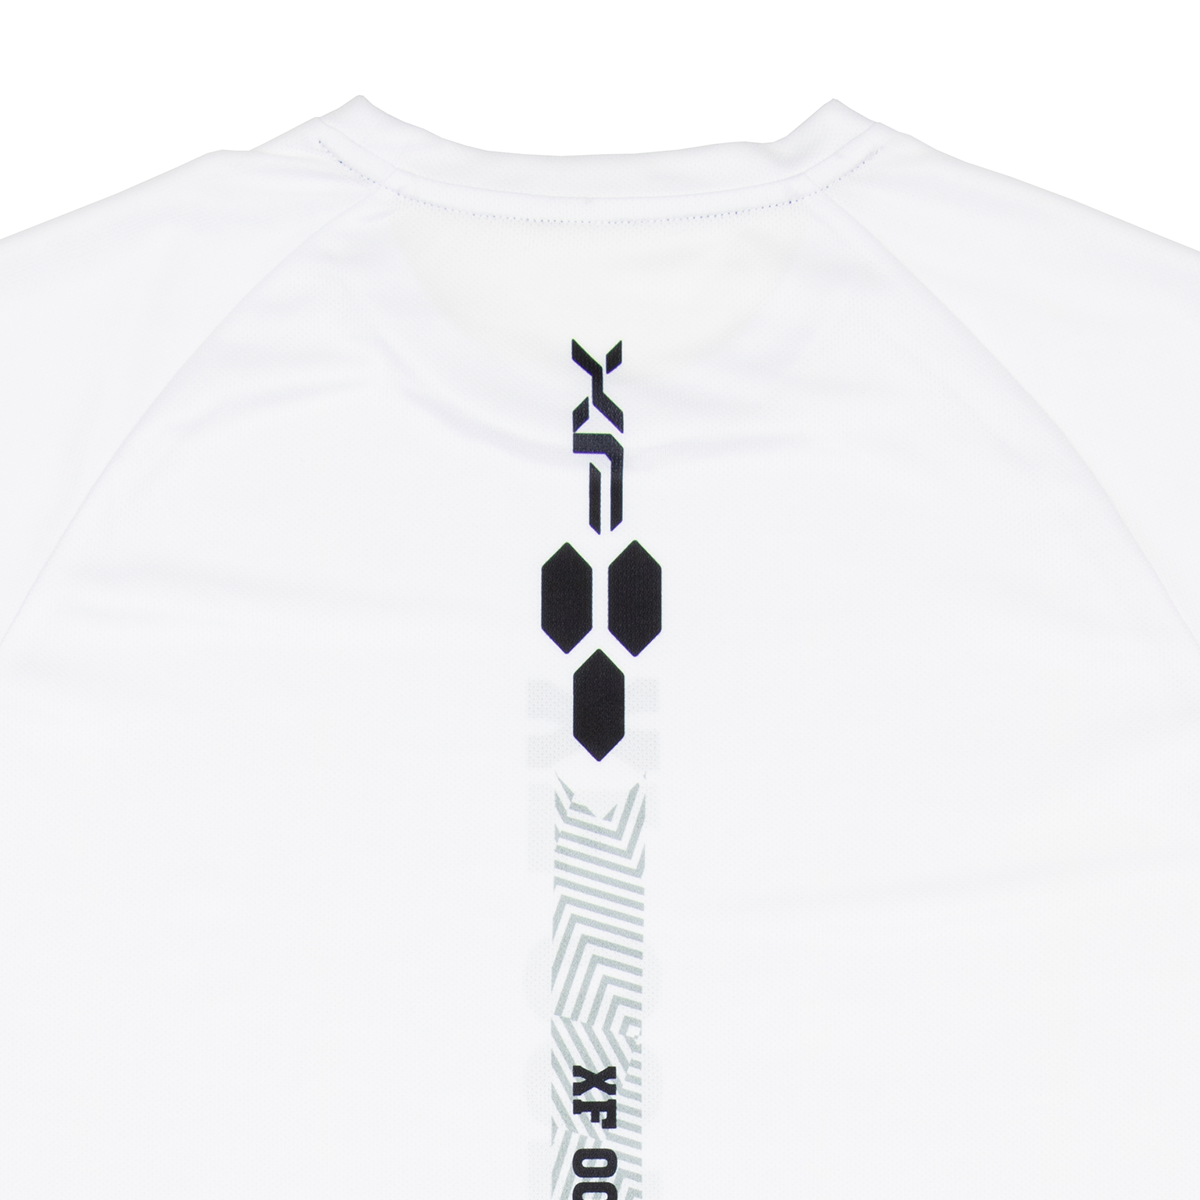 Tシャツ Design05 ホワイト